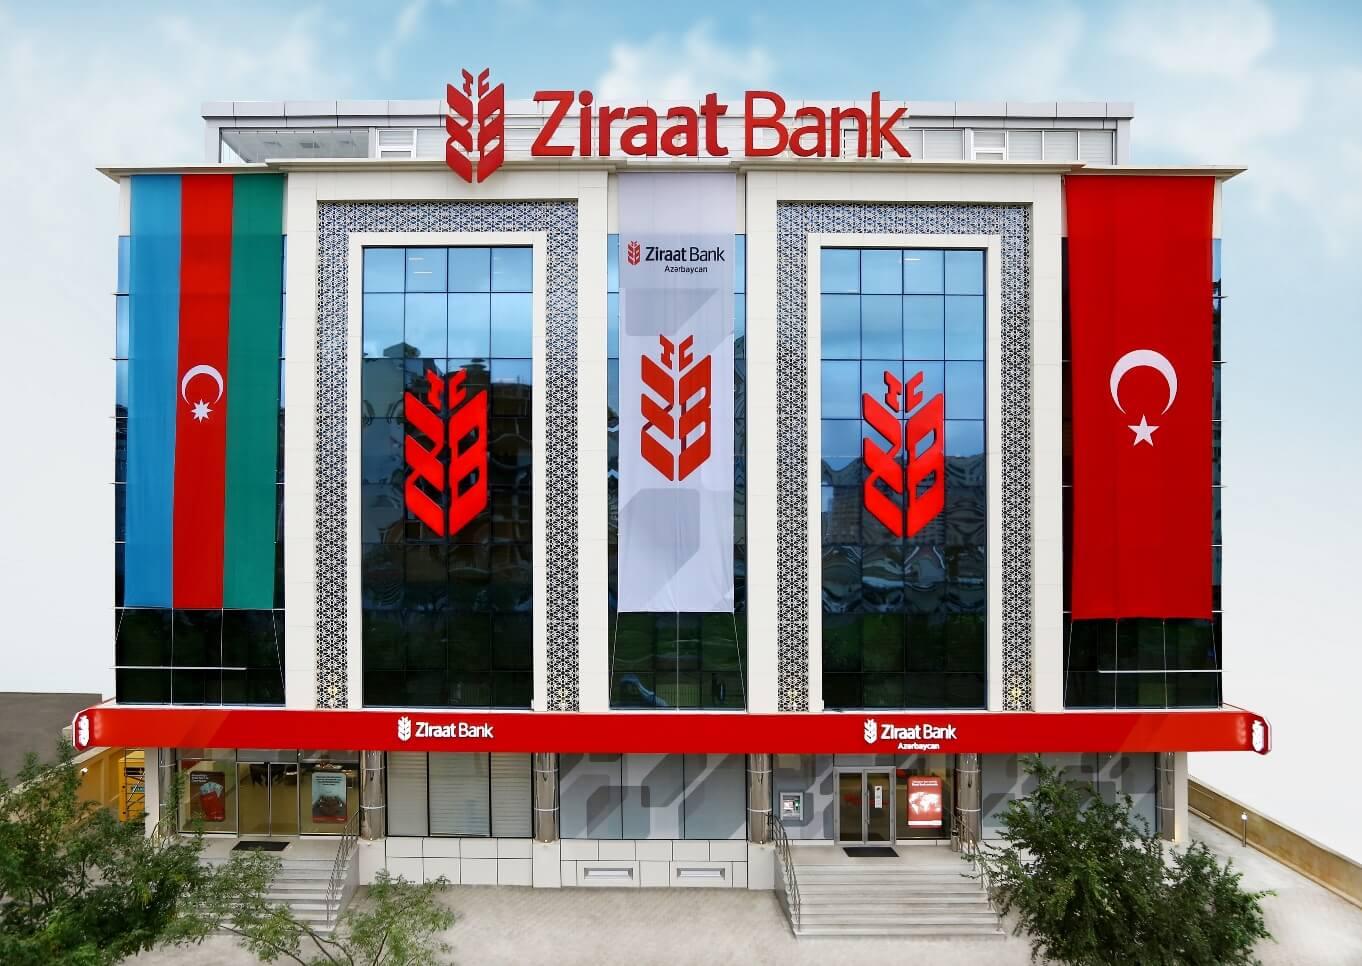 İLK ERTELEME ZİRAAT BANKASI'NDAN GELDİ